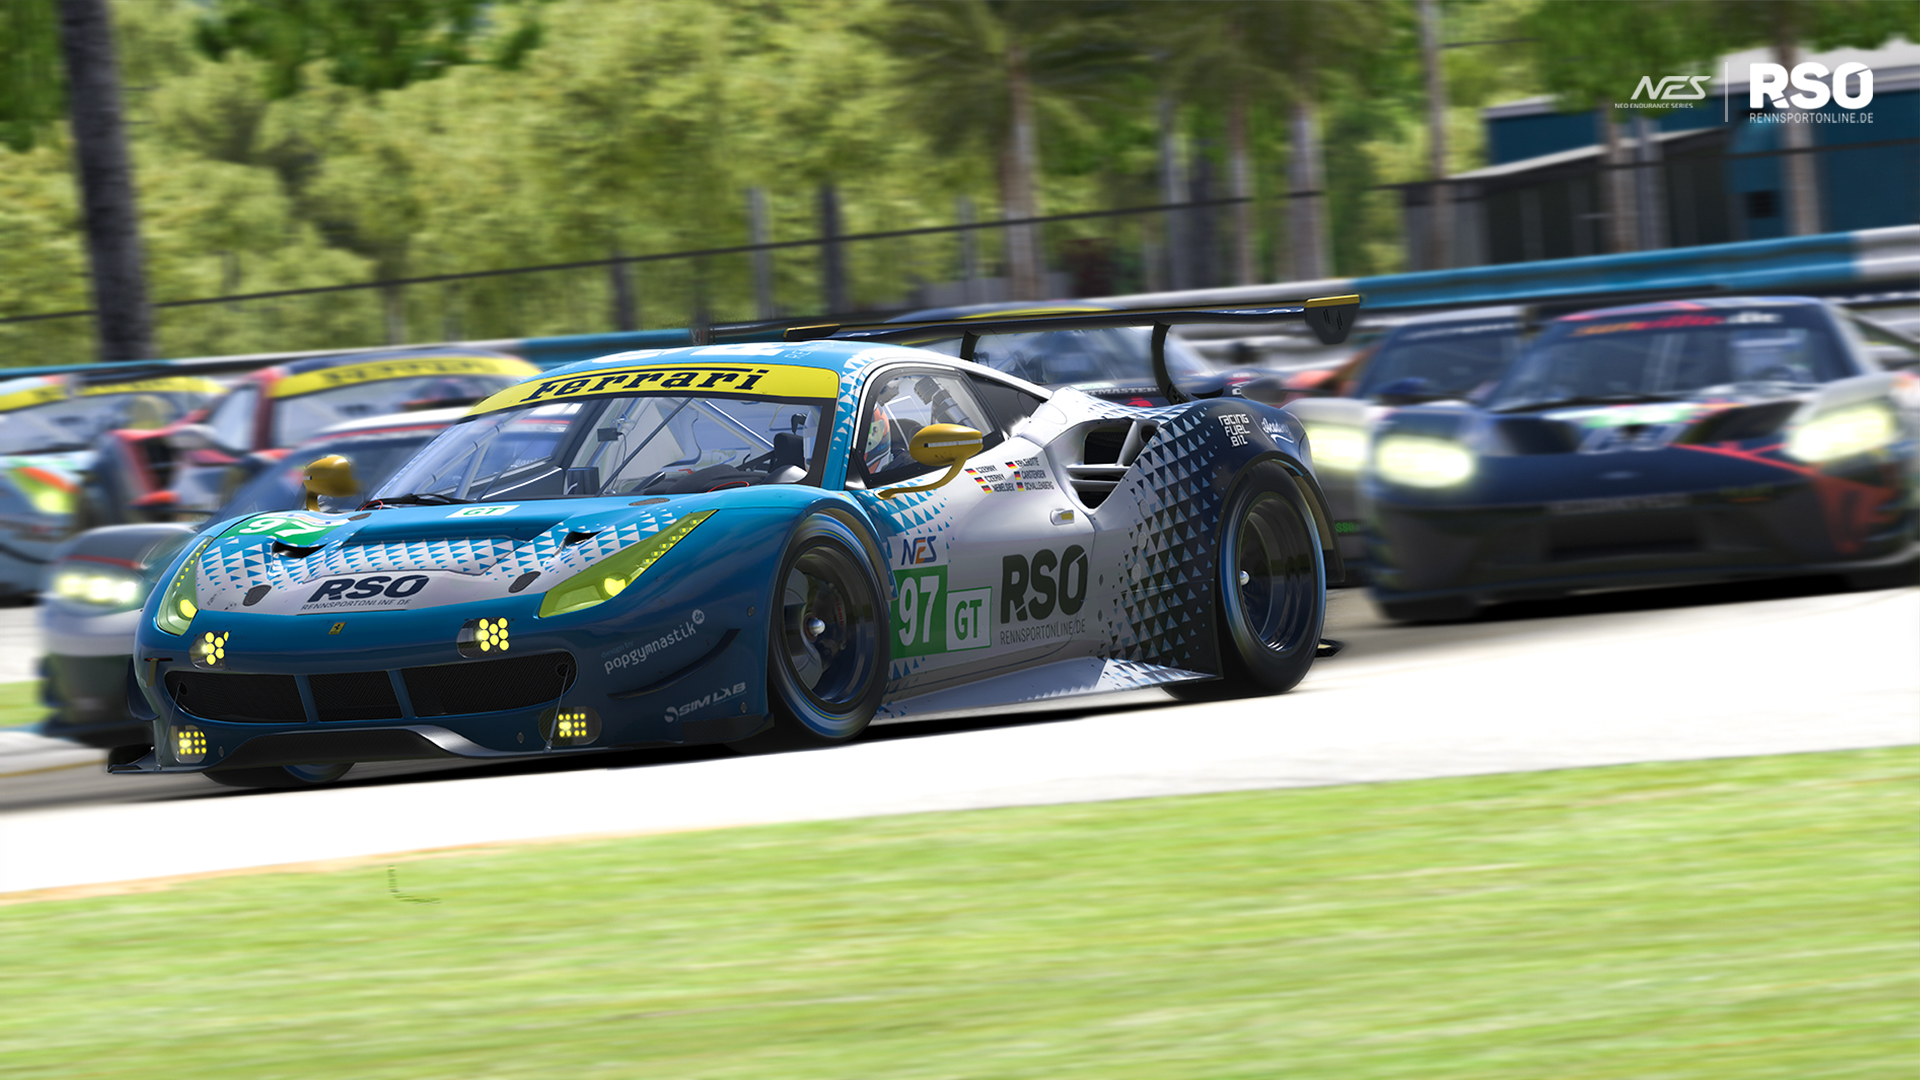 NEO Ferrari RSO